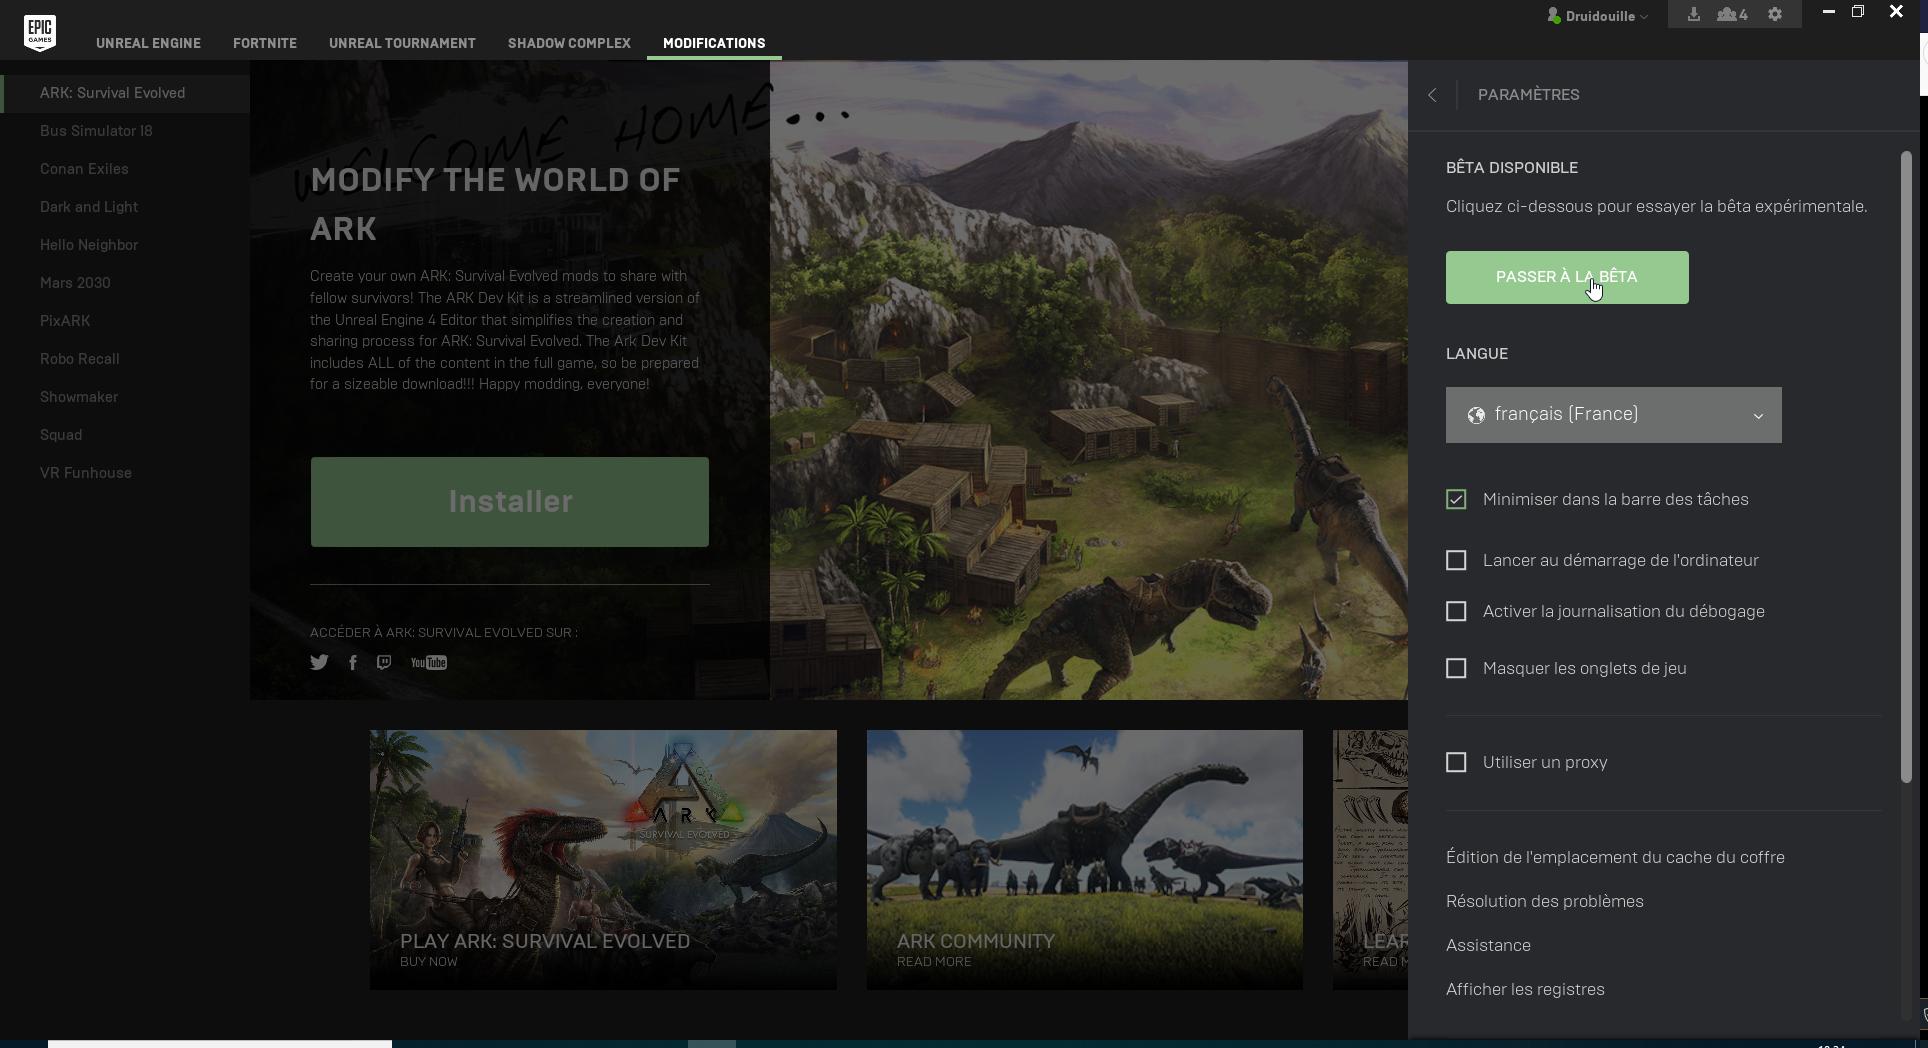 Fortnite : Nouveau launcher Epic Games en Bêta - Breakflip ...